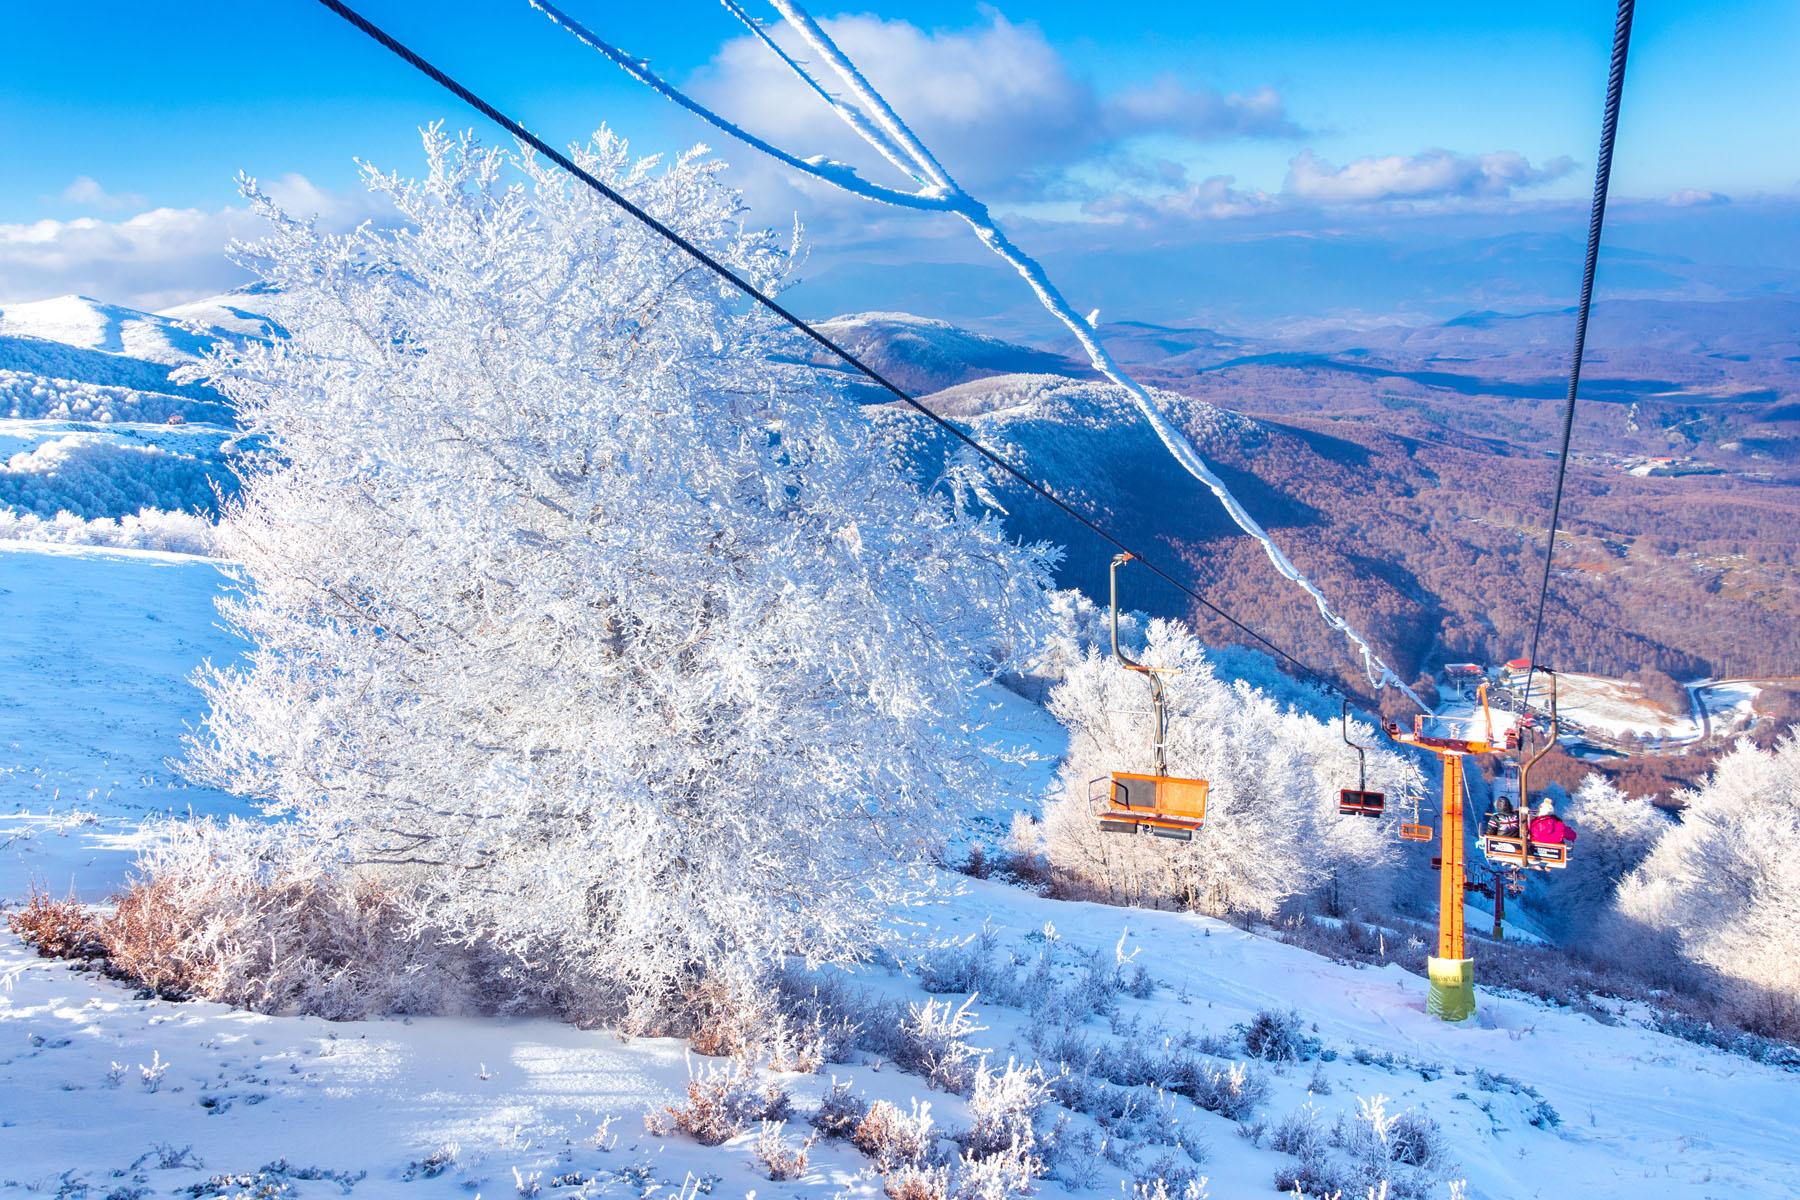 Χιονοδρομικό Κέντρο Τρία Πέντε Πηγάδια